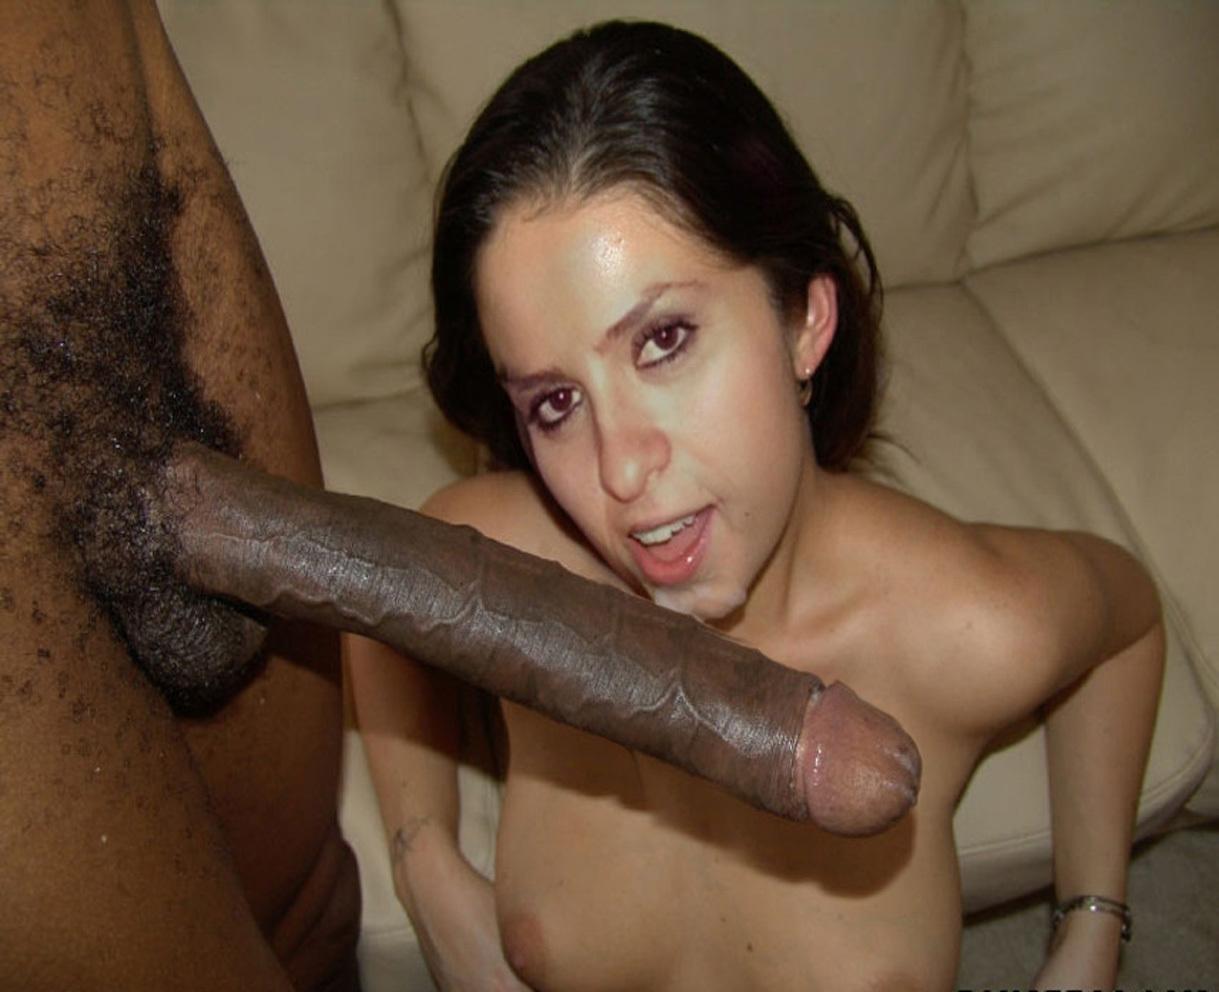 hot nude colege girls